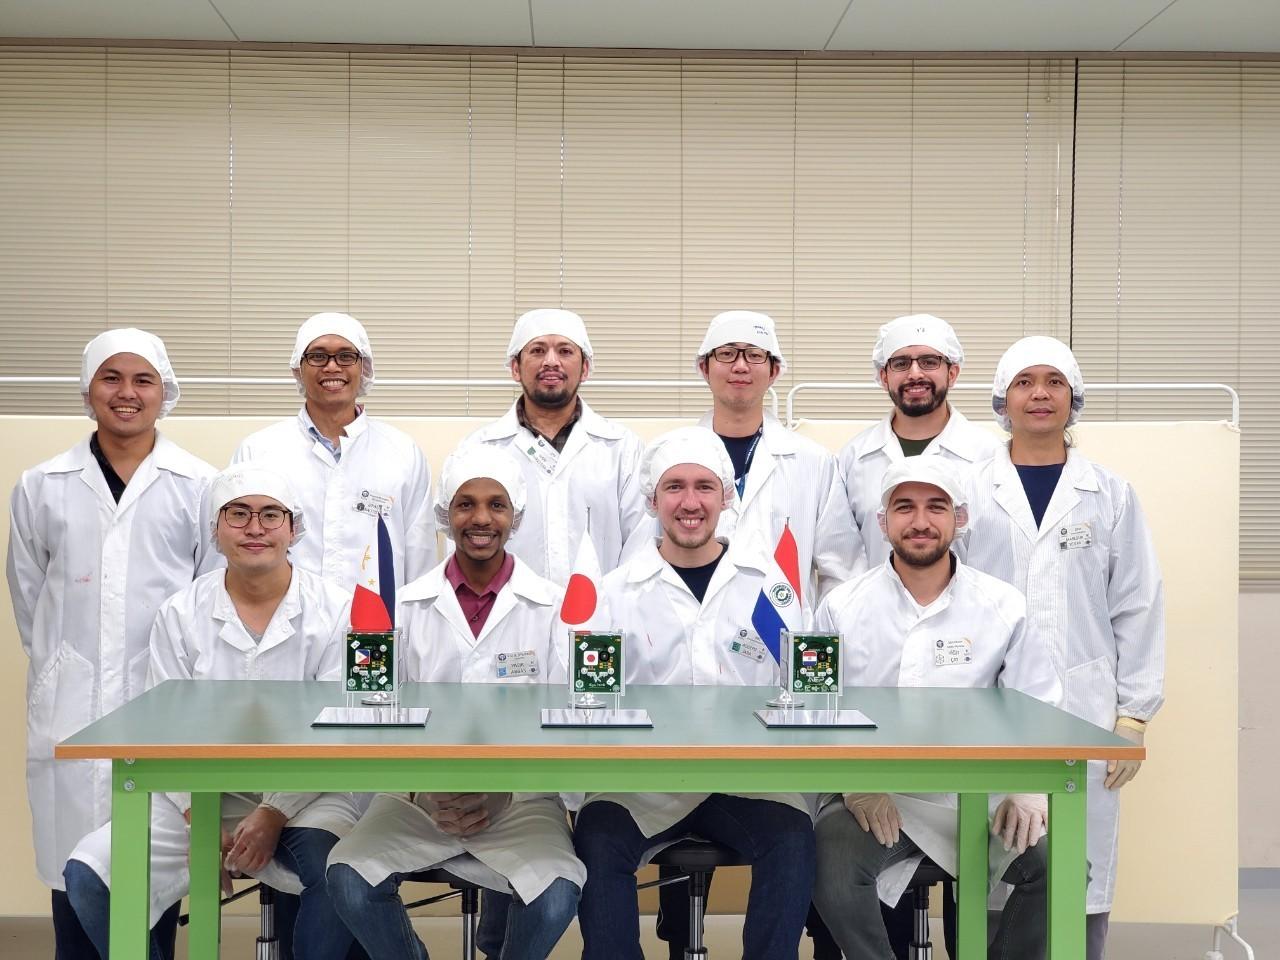 九州工業大学のBIRDS-IV衛星開発チーム